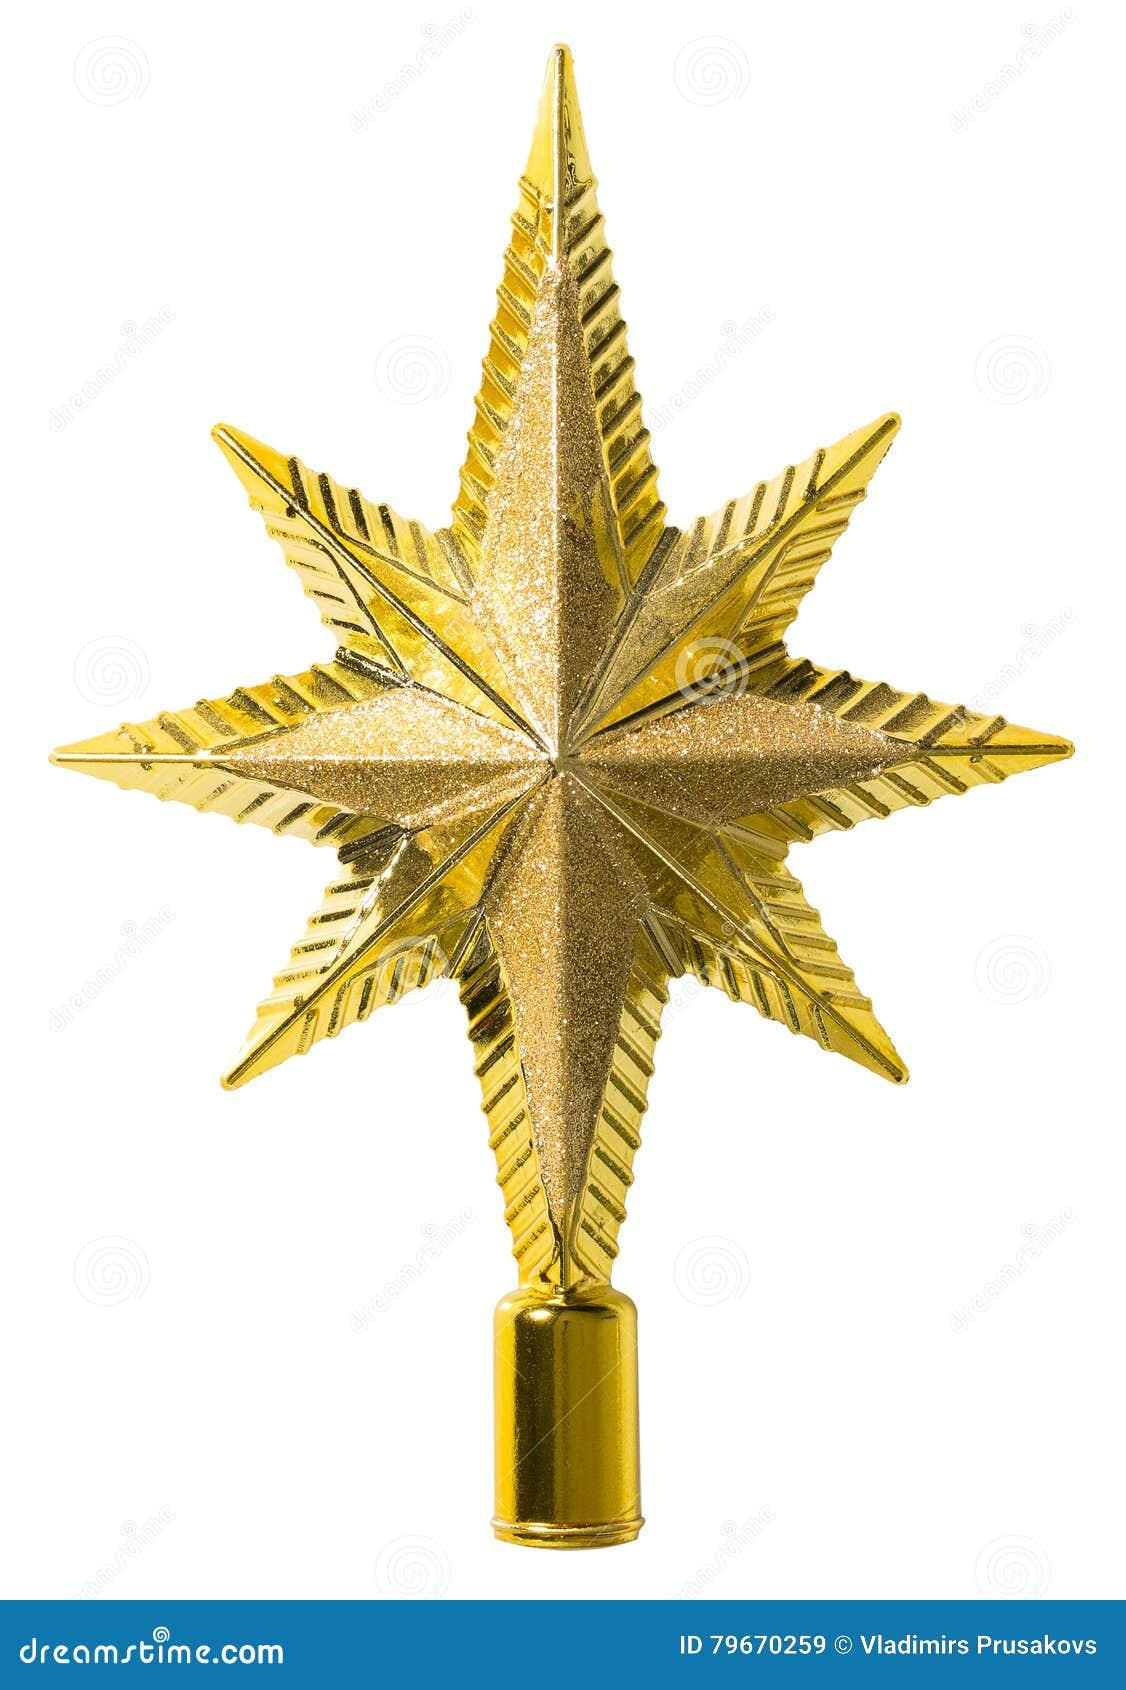 Stern Auf Weihnachtsbaum.Stern Spitzendekoration Weihnachtsbaum Deckel Weiß Lokalisiert